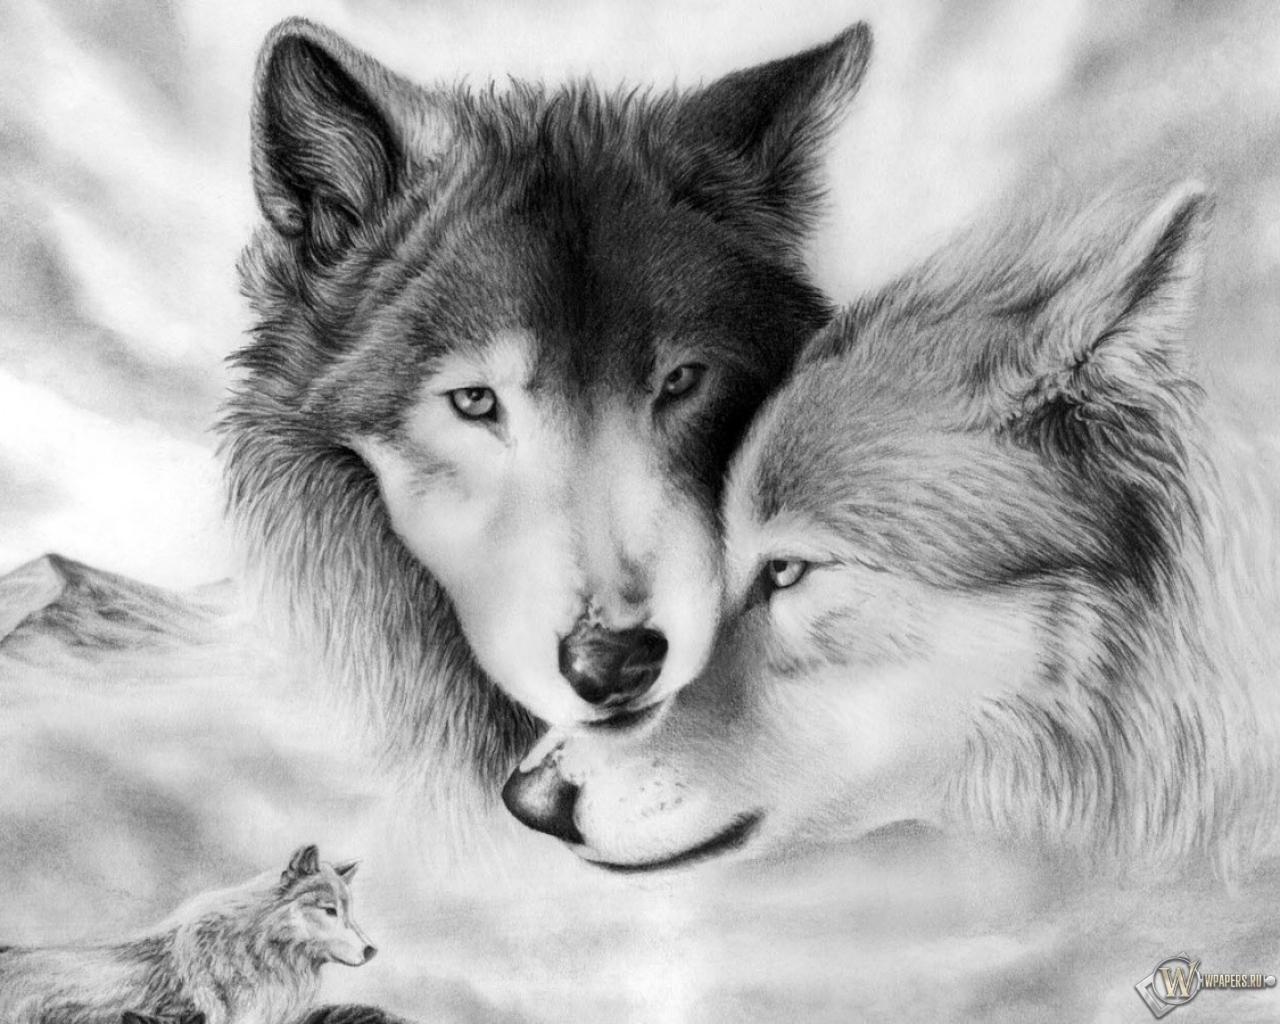 Волки стая связь 1280x1024 картинки